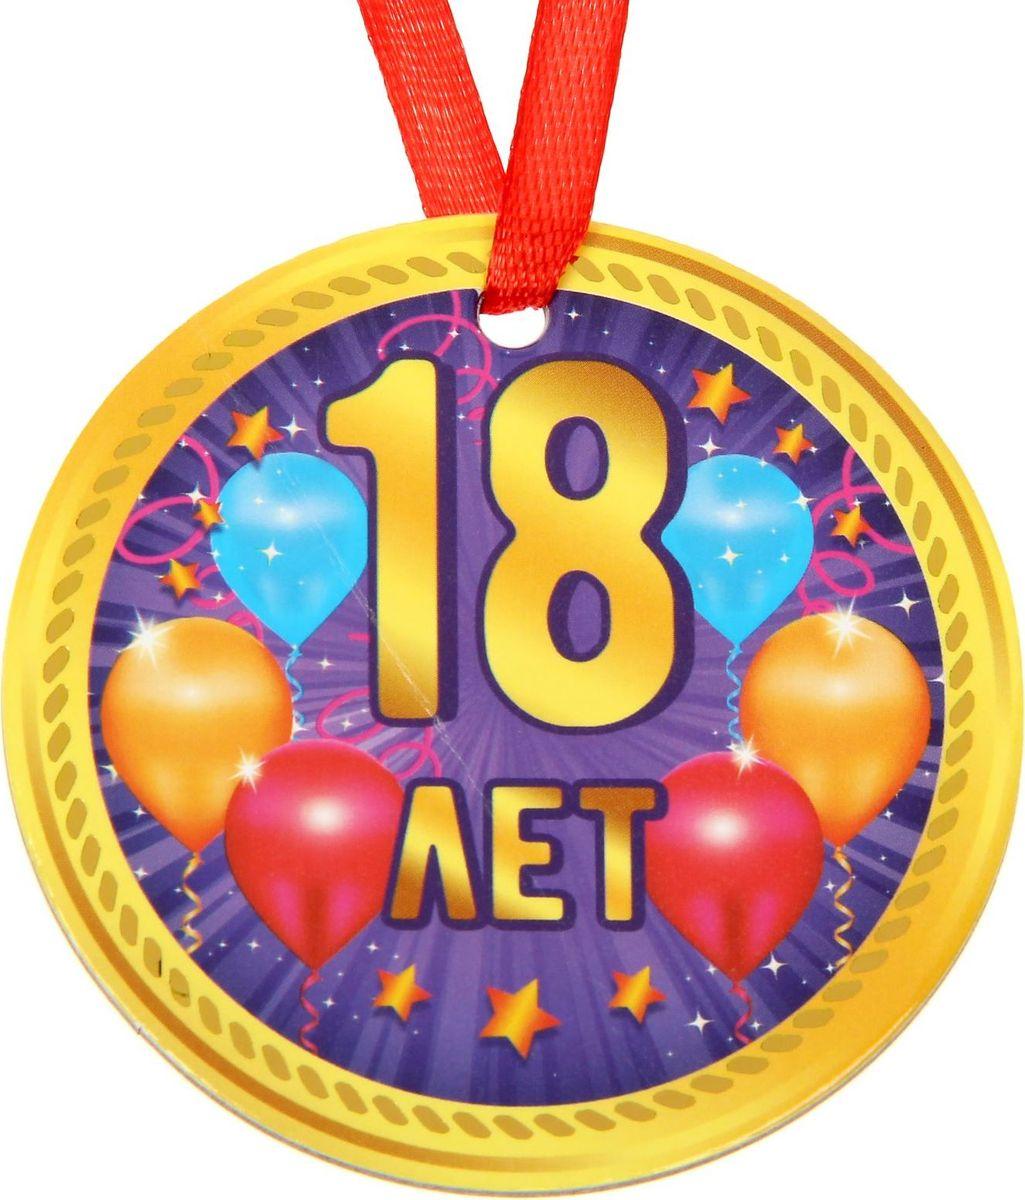 Медаль сувенирная 18 лет, 7,5 х 7,5 см1418326Специальное предложение для тех, кто любит быть в центре внимания! Медаль 18 лет — эффектный приз для близких, который точно не останется незамеченным. Аксессуар из плотного картона порадует обладателя красочным дизайном и приятными словами на обороте. Родные люди достойны лучших наград!